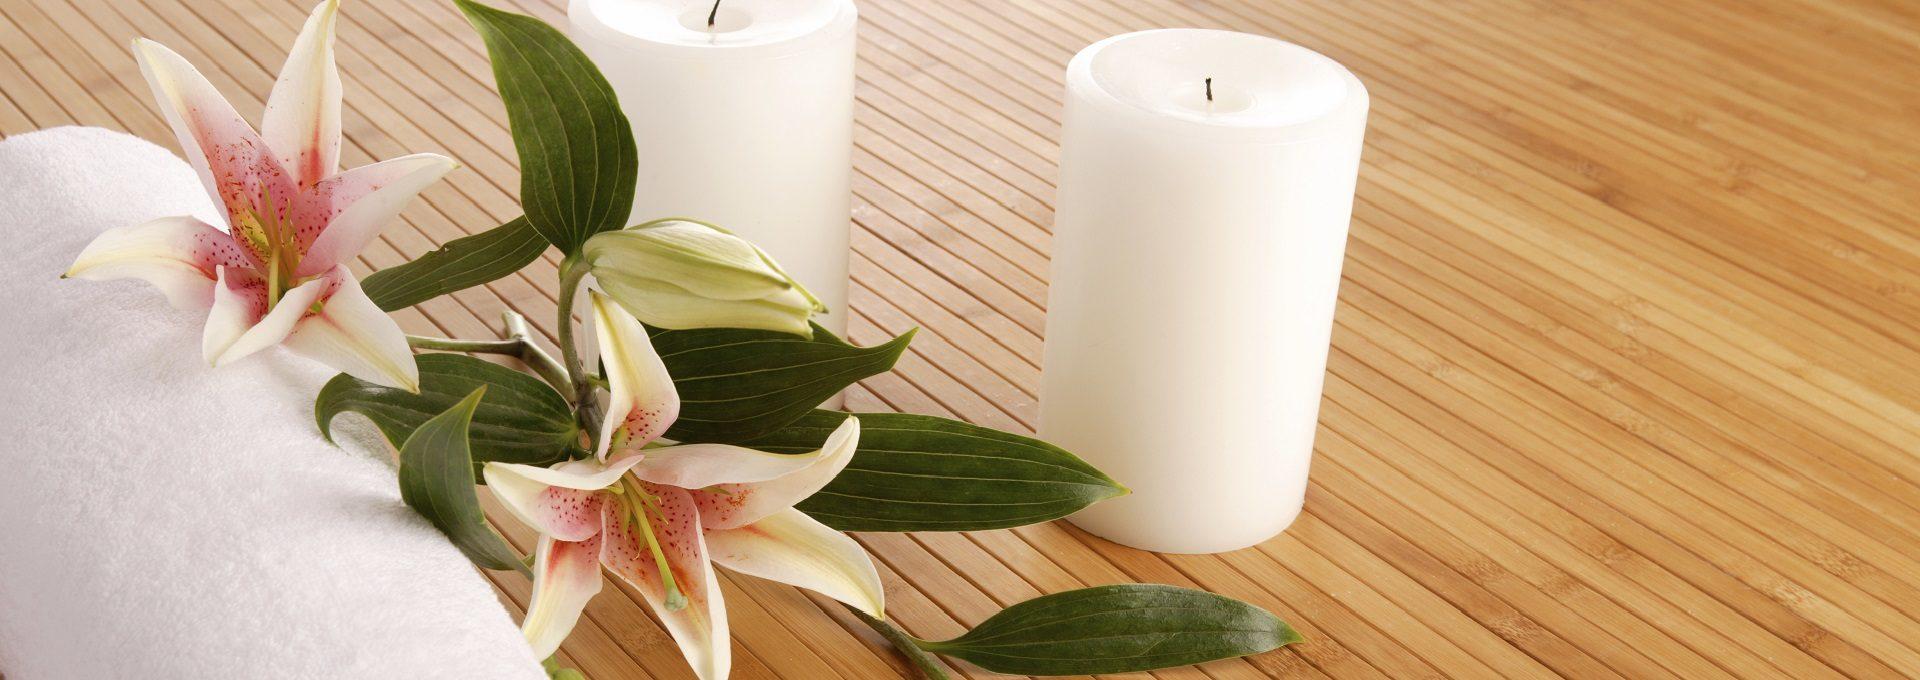 Detailaufnahme Kerzen